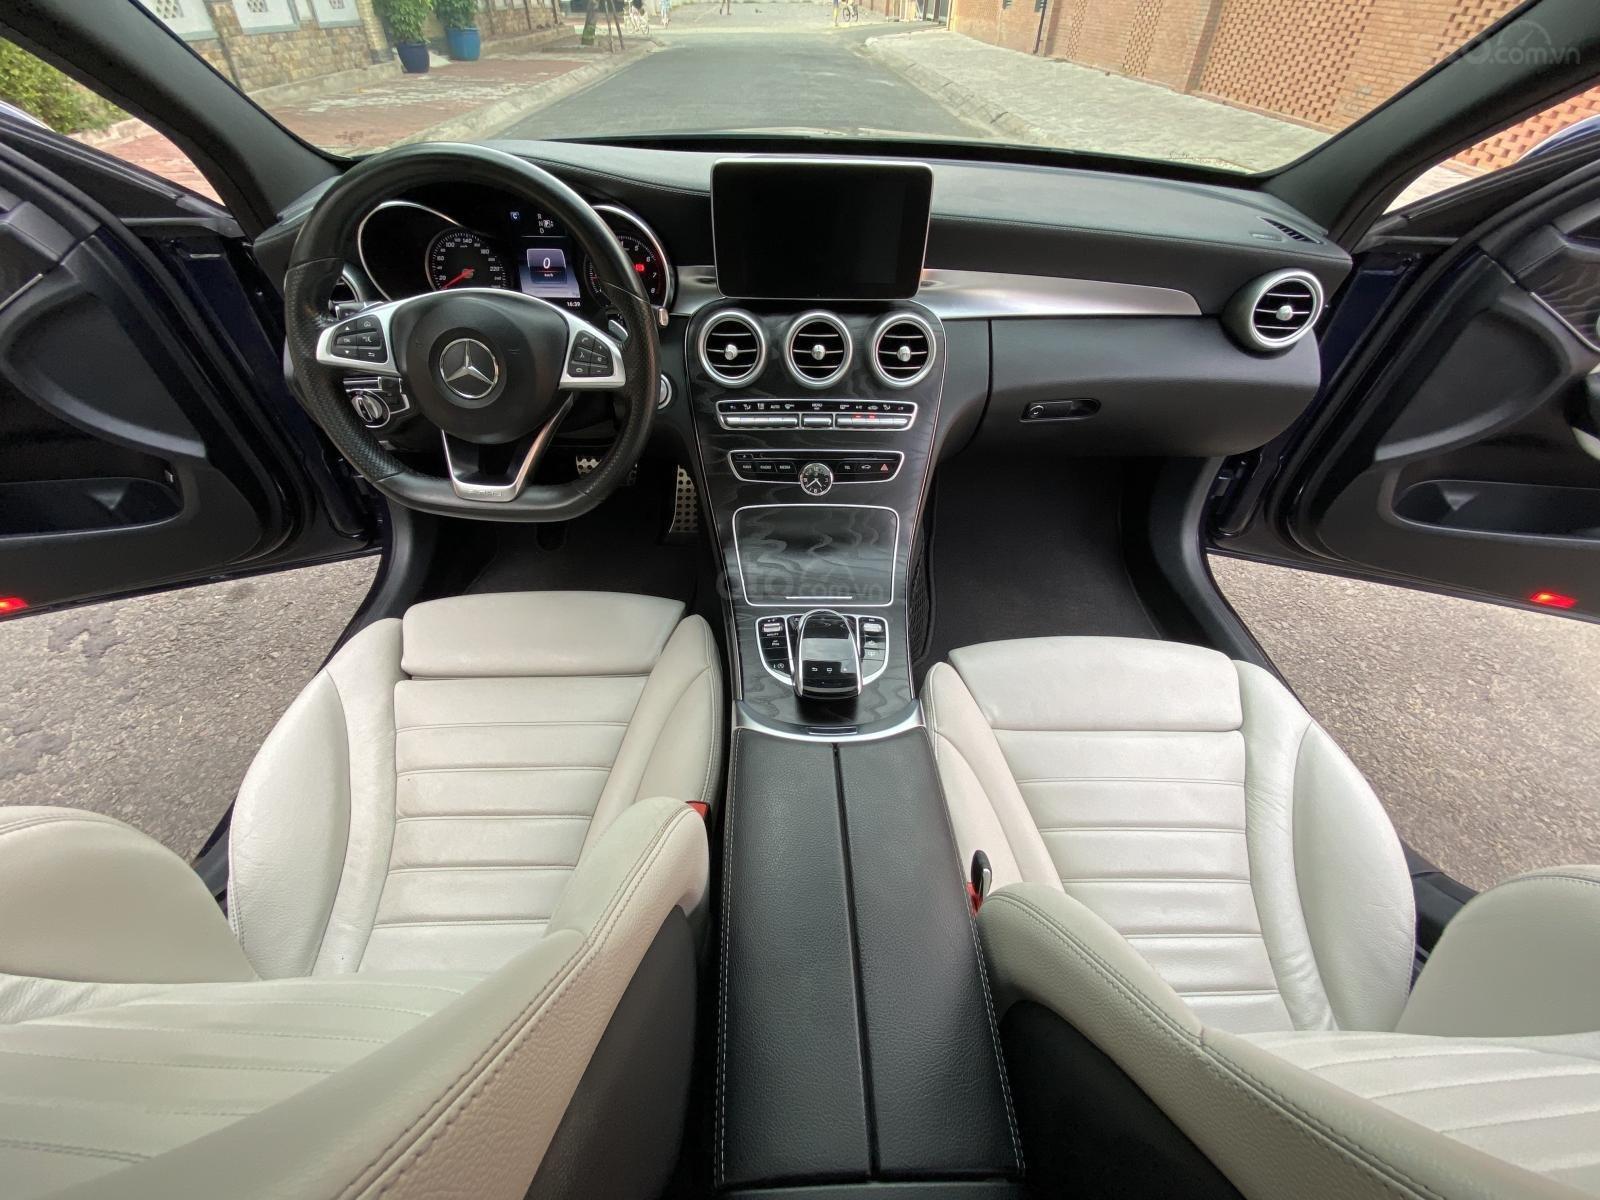 Mercedes C250-AMG, xe chuẩn zin, đẹp, hỗ trợ ngân hàng (9)